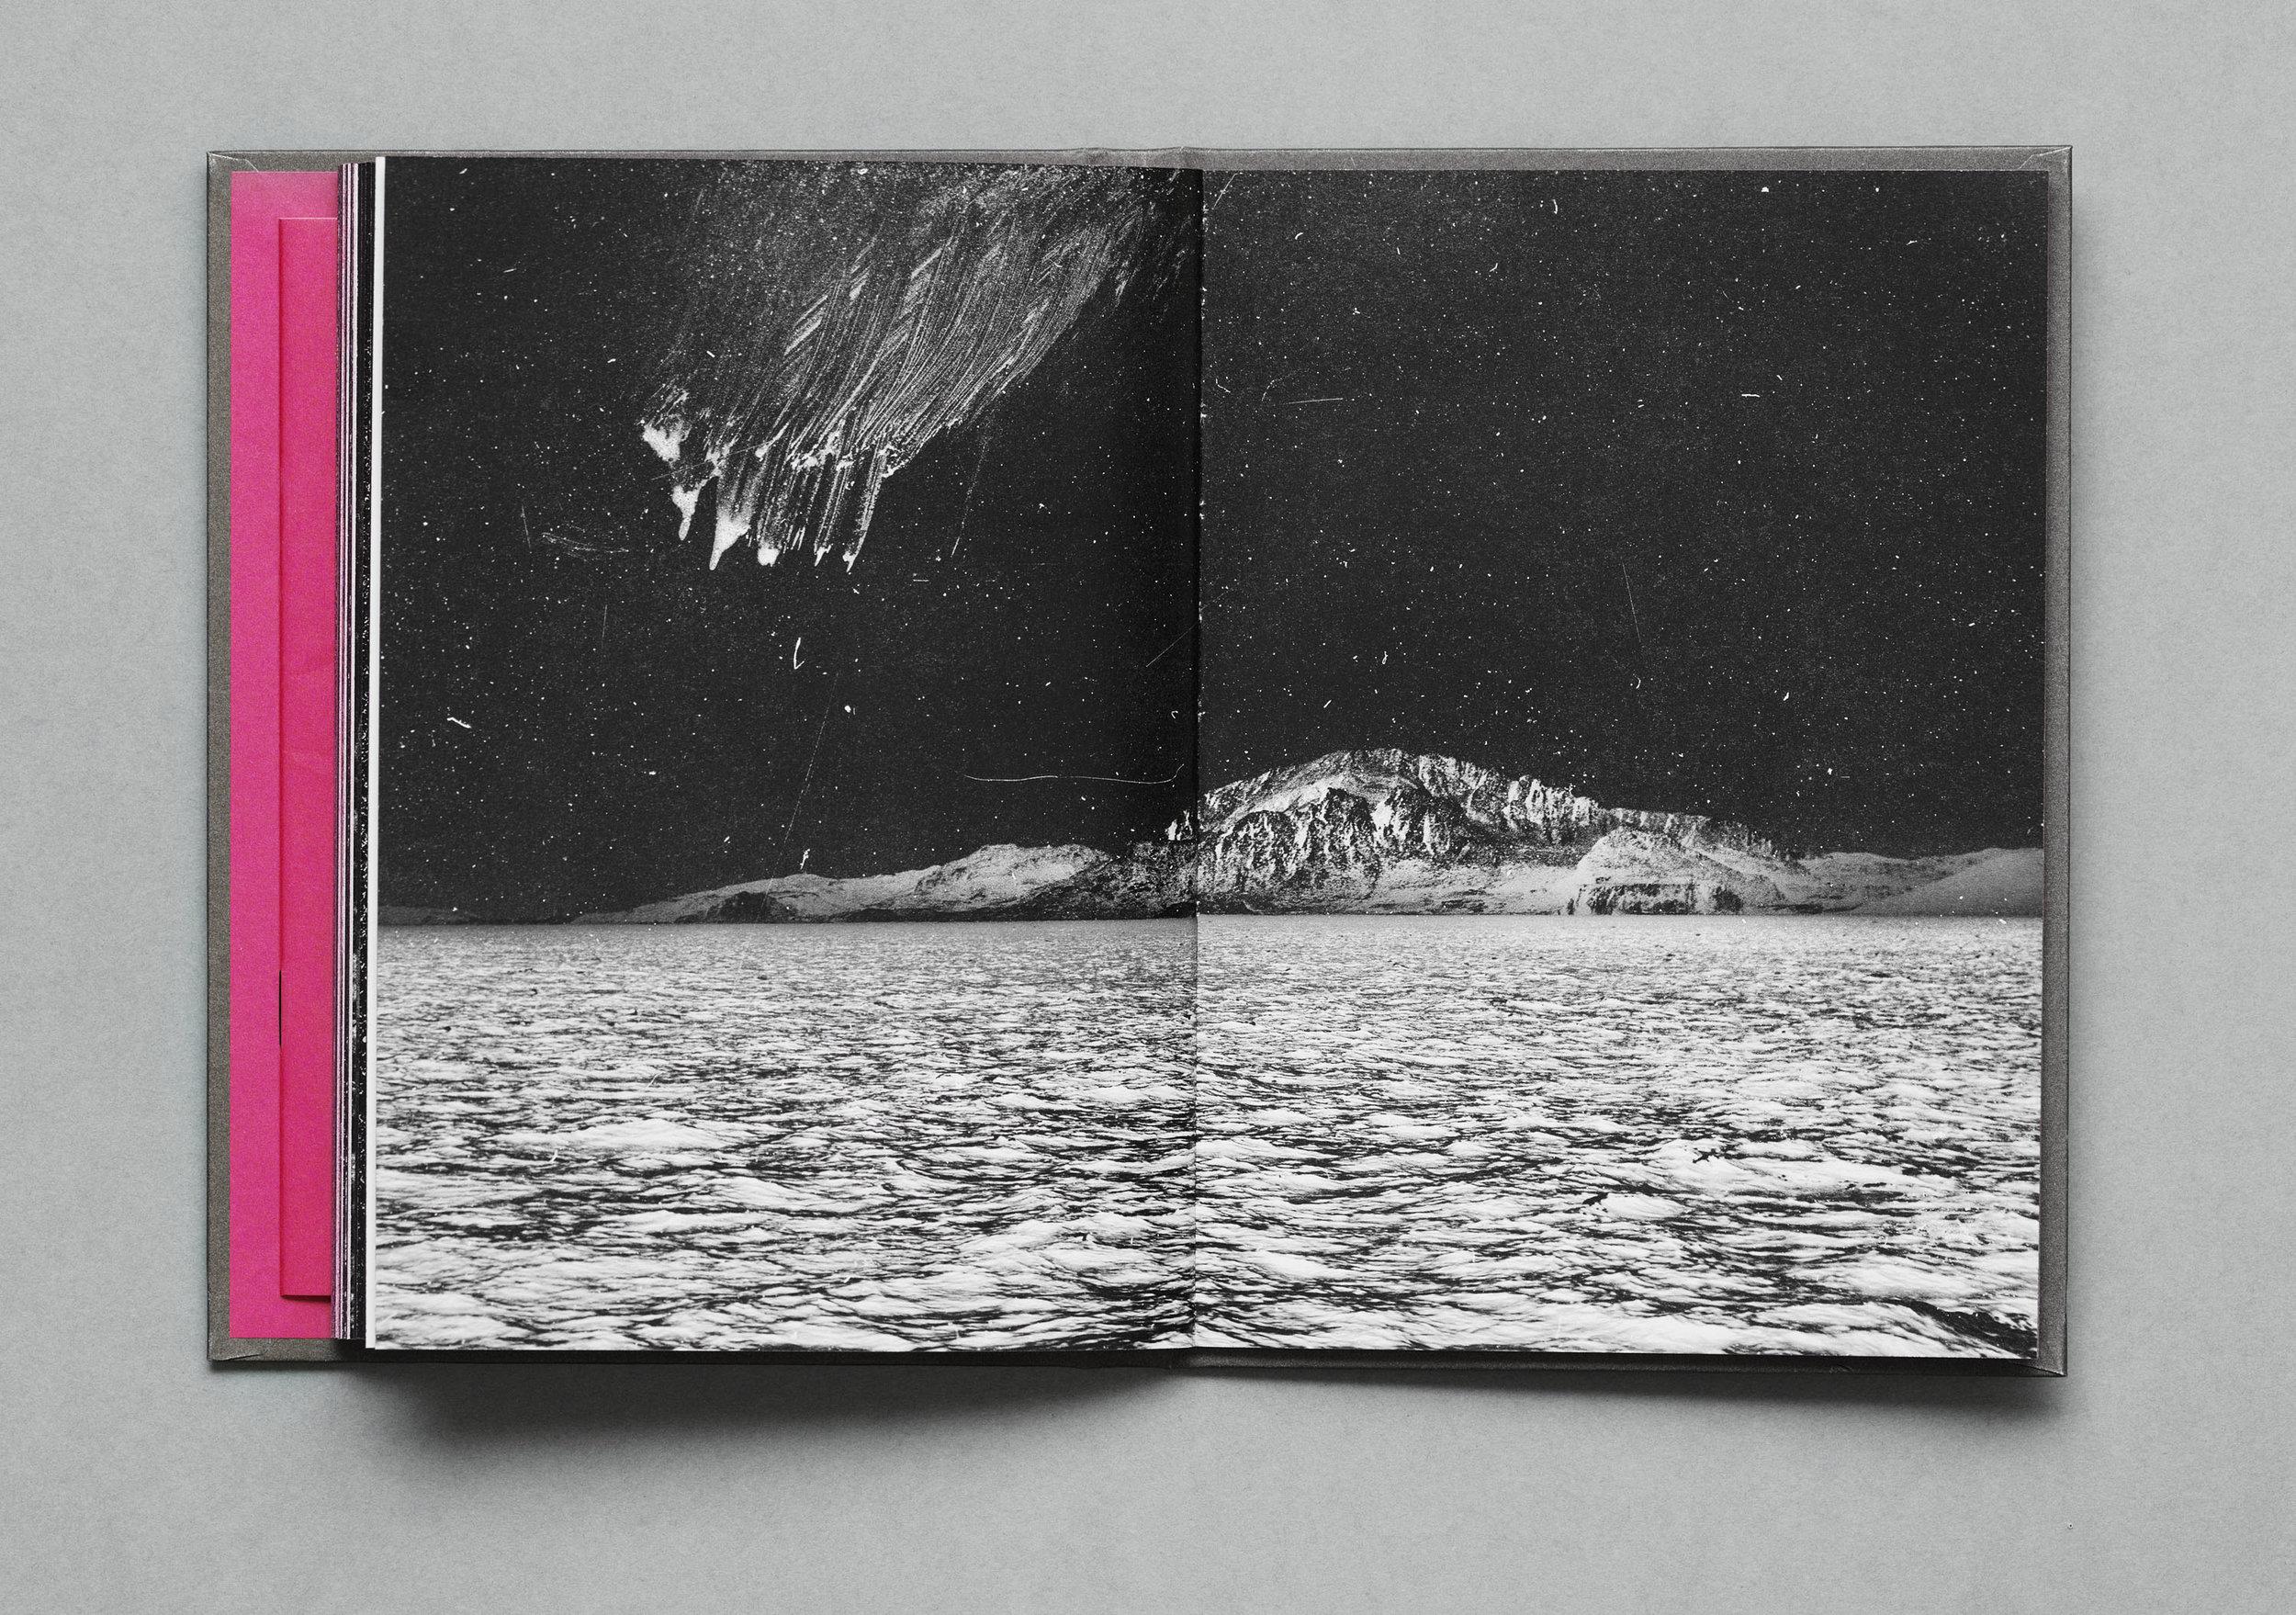 © Skreid Publishing Leif, Sandberg